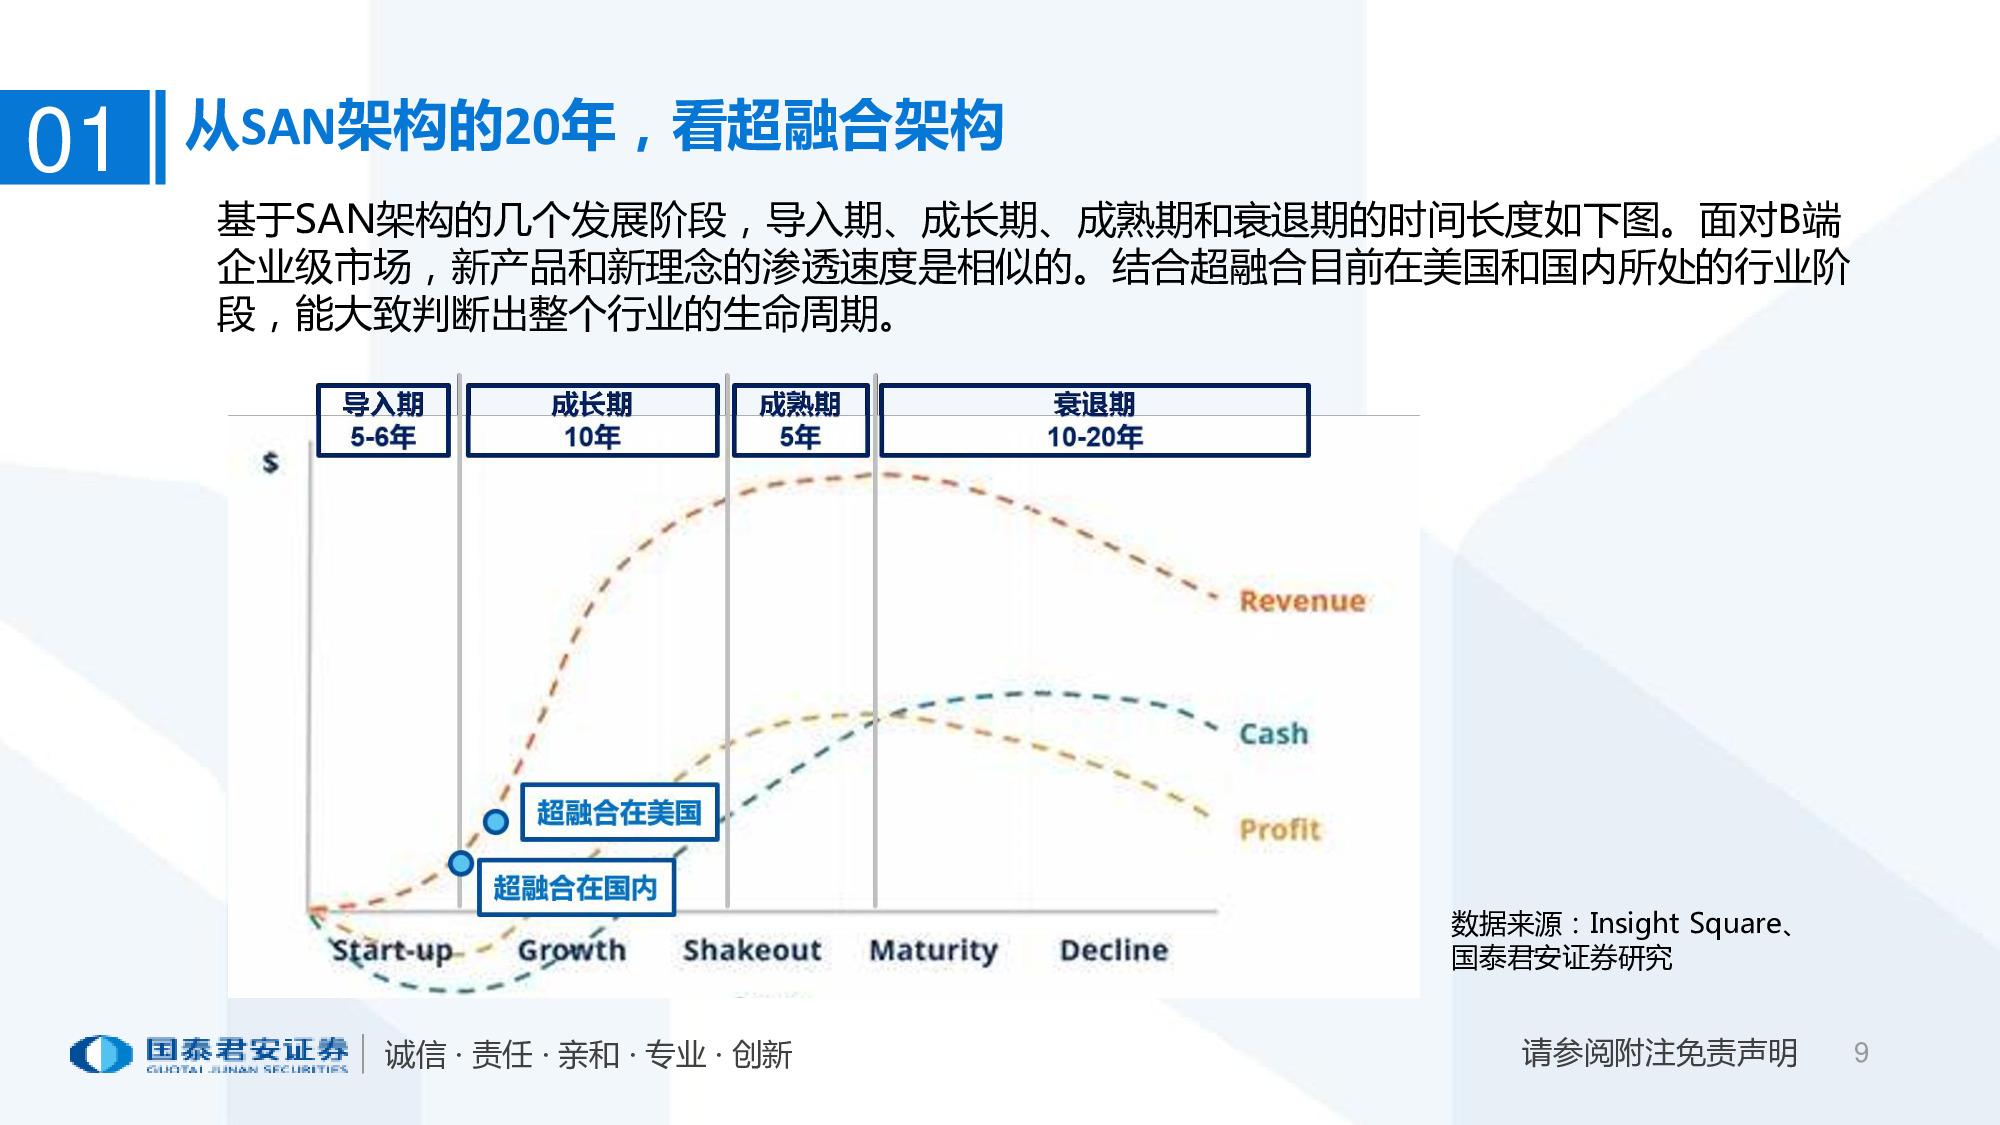 2020年超融合产业趋势:以十年为单位,看超融合增长持续性